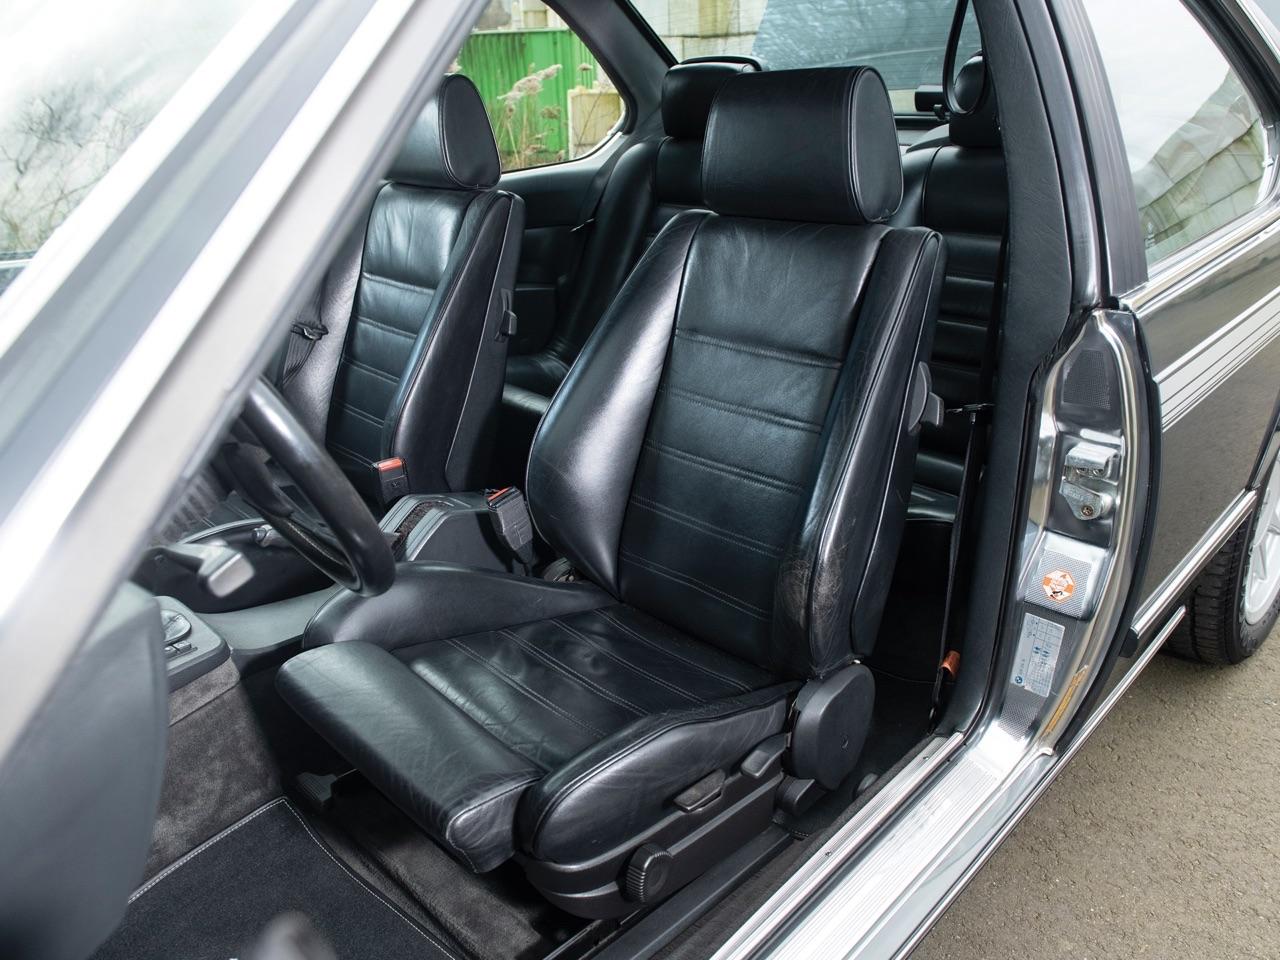 De BMW 635 Csi à Hartge H6 SP 16